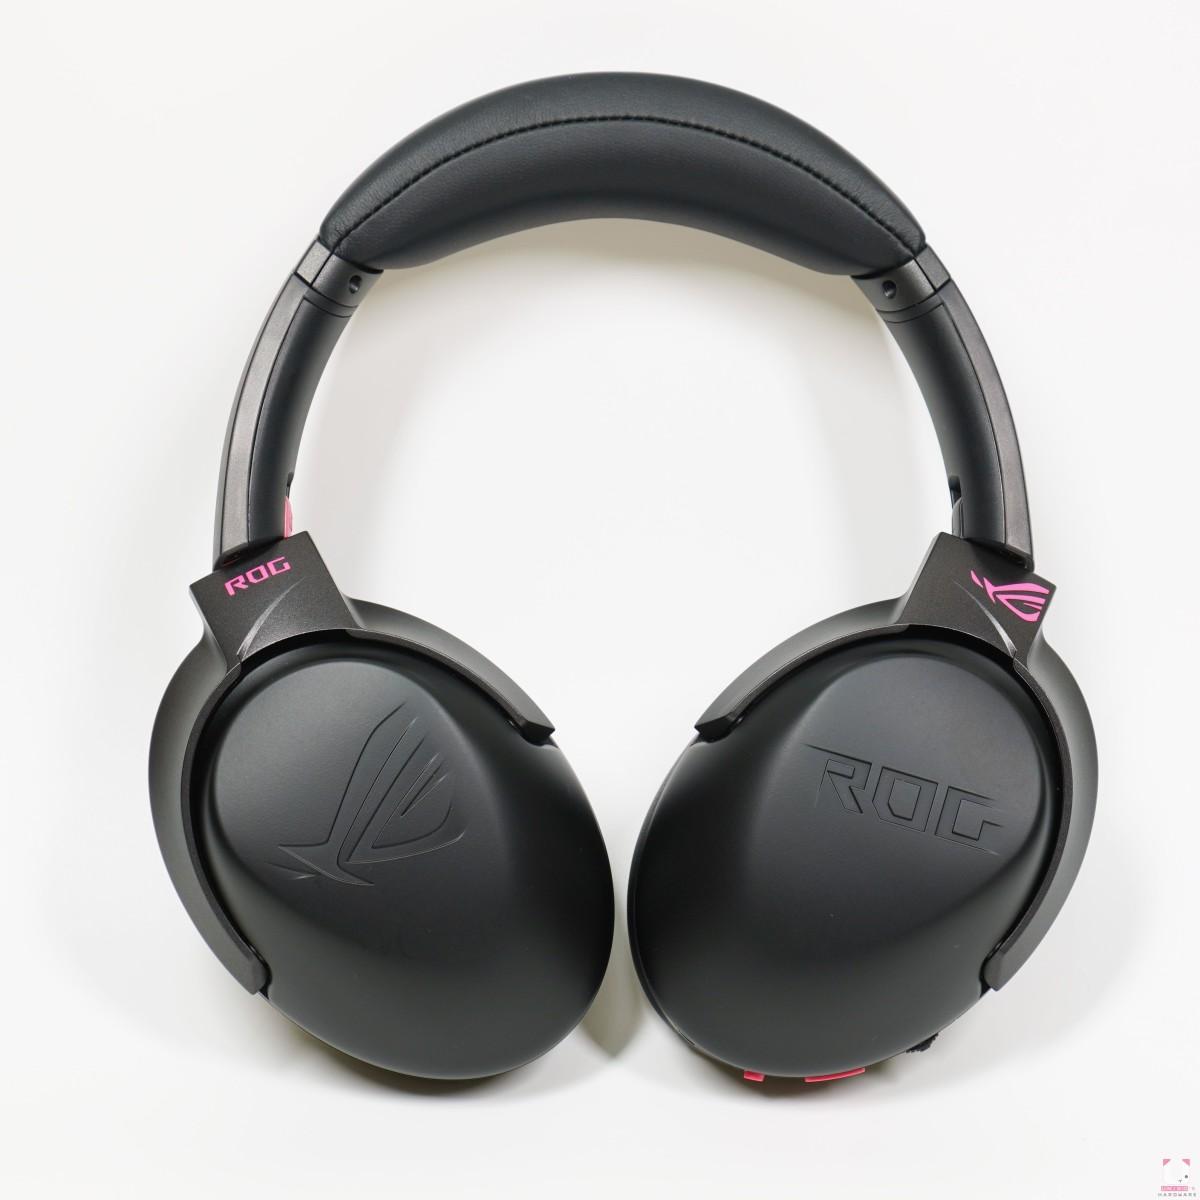 耳罩部分與原本的 2.4 GO 相同,一側浮刻 ROG,另一側是敗家之眼,連接頭戴框架上的 LOGO 變成電馭粉色,不管從左邊還是右邊都能接收滿滿的信仰。